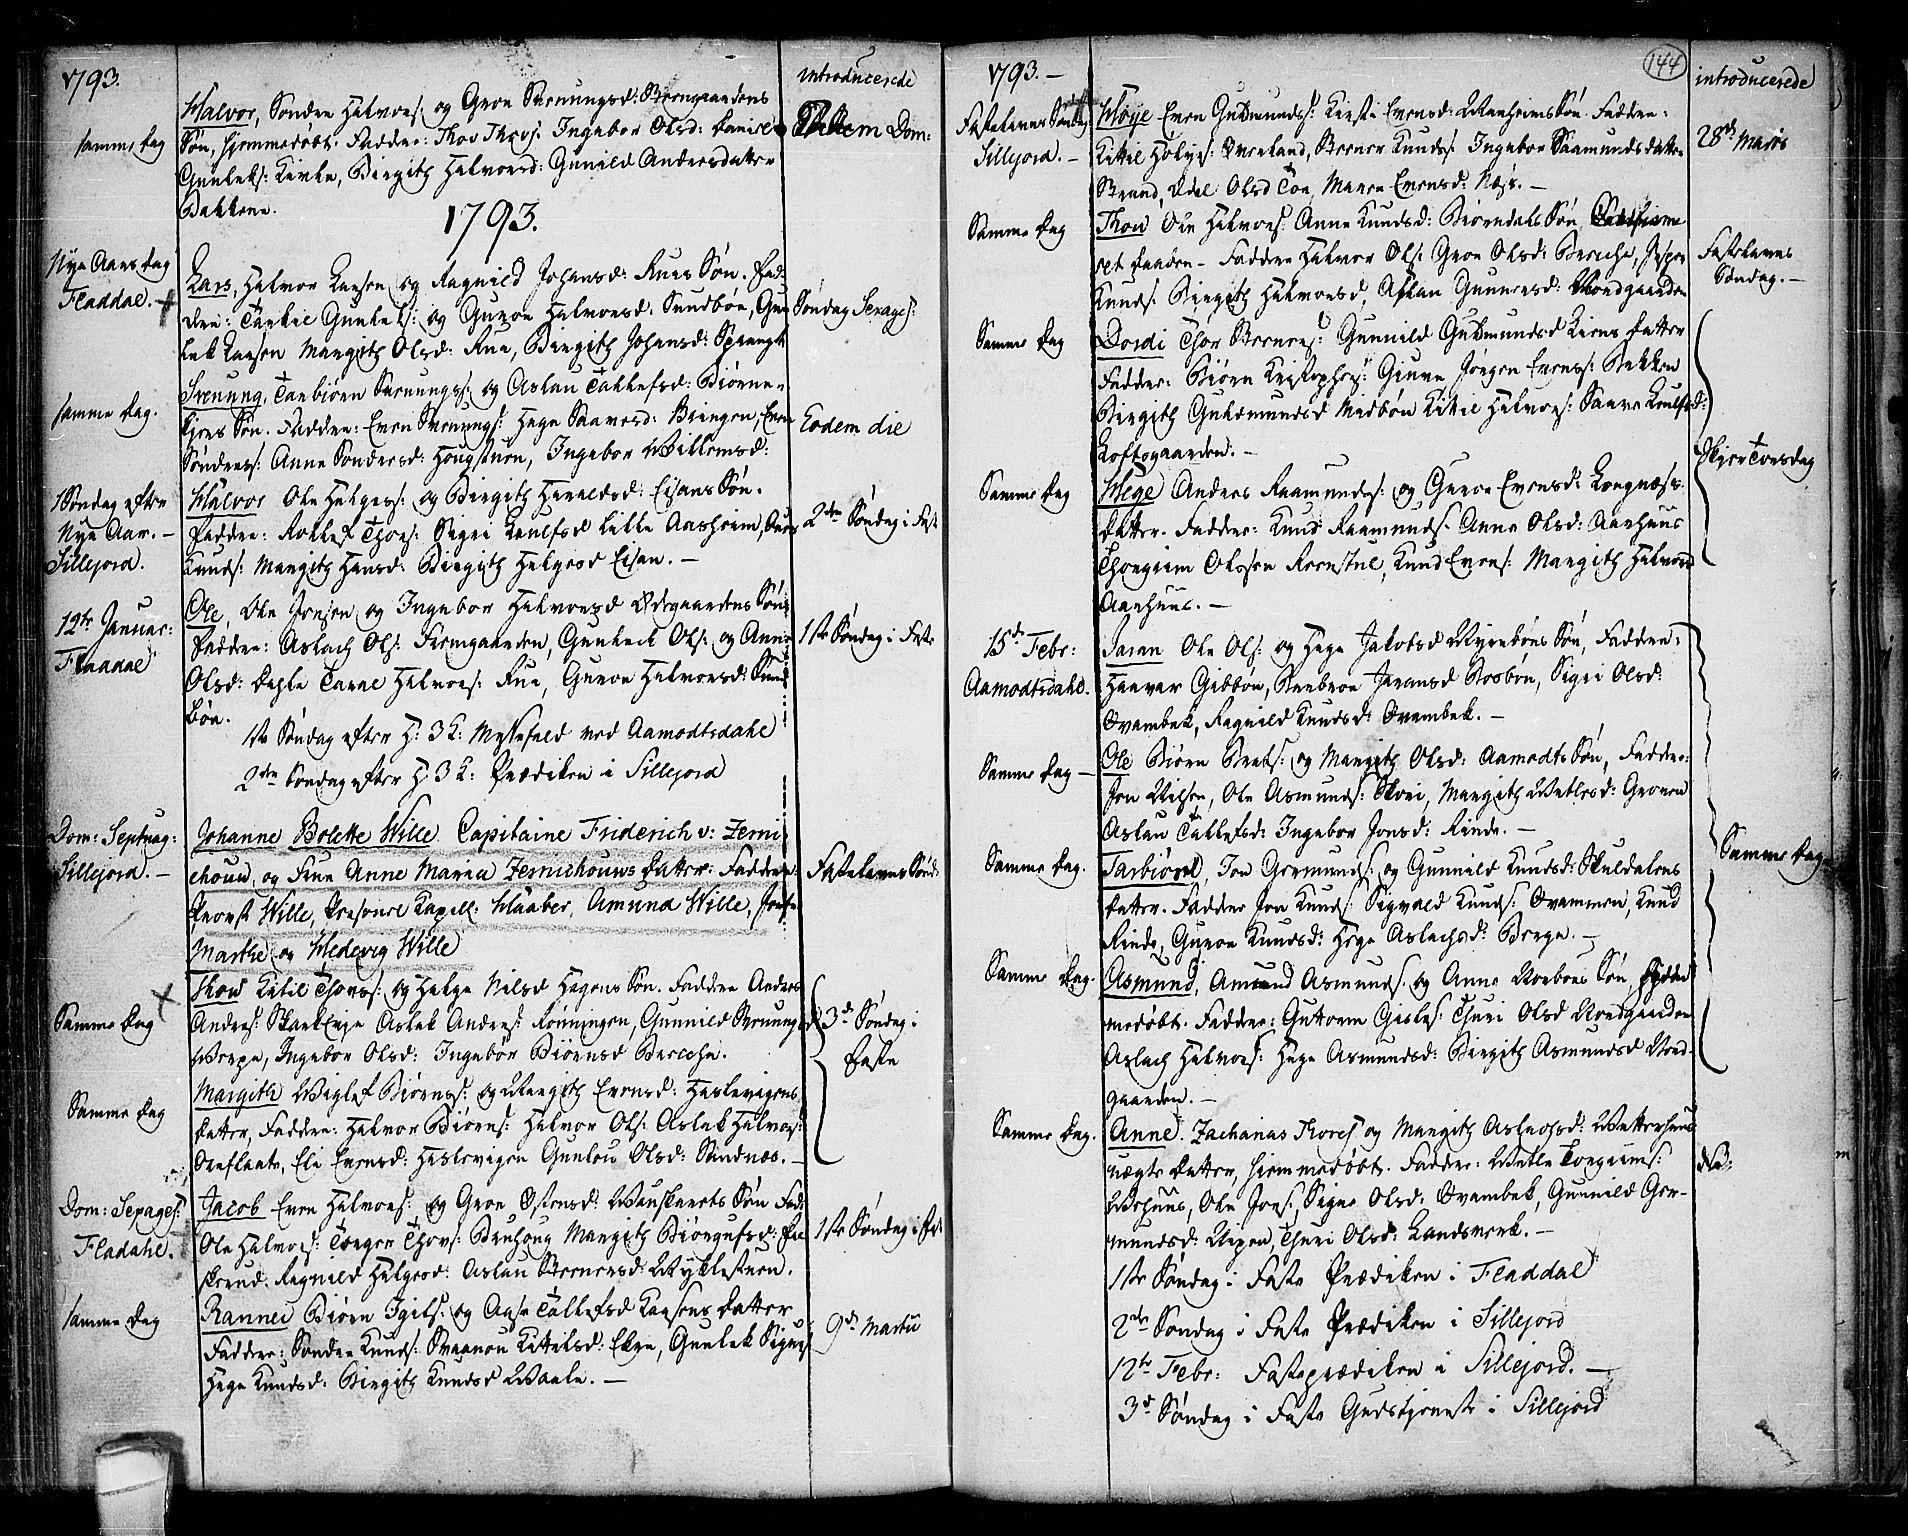 SAKO, Seljord kirkebøker, F/Fa/L0007: Ministerialbok nr. I 7, 1755-1800, s. 144